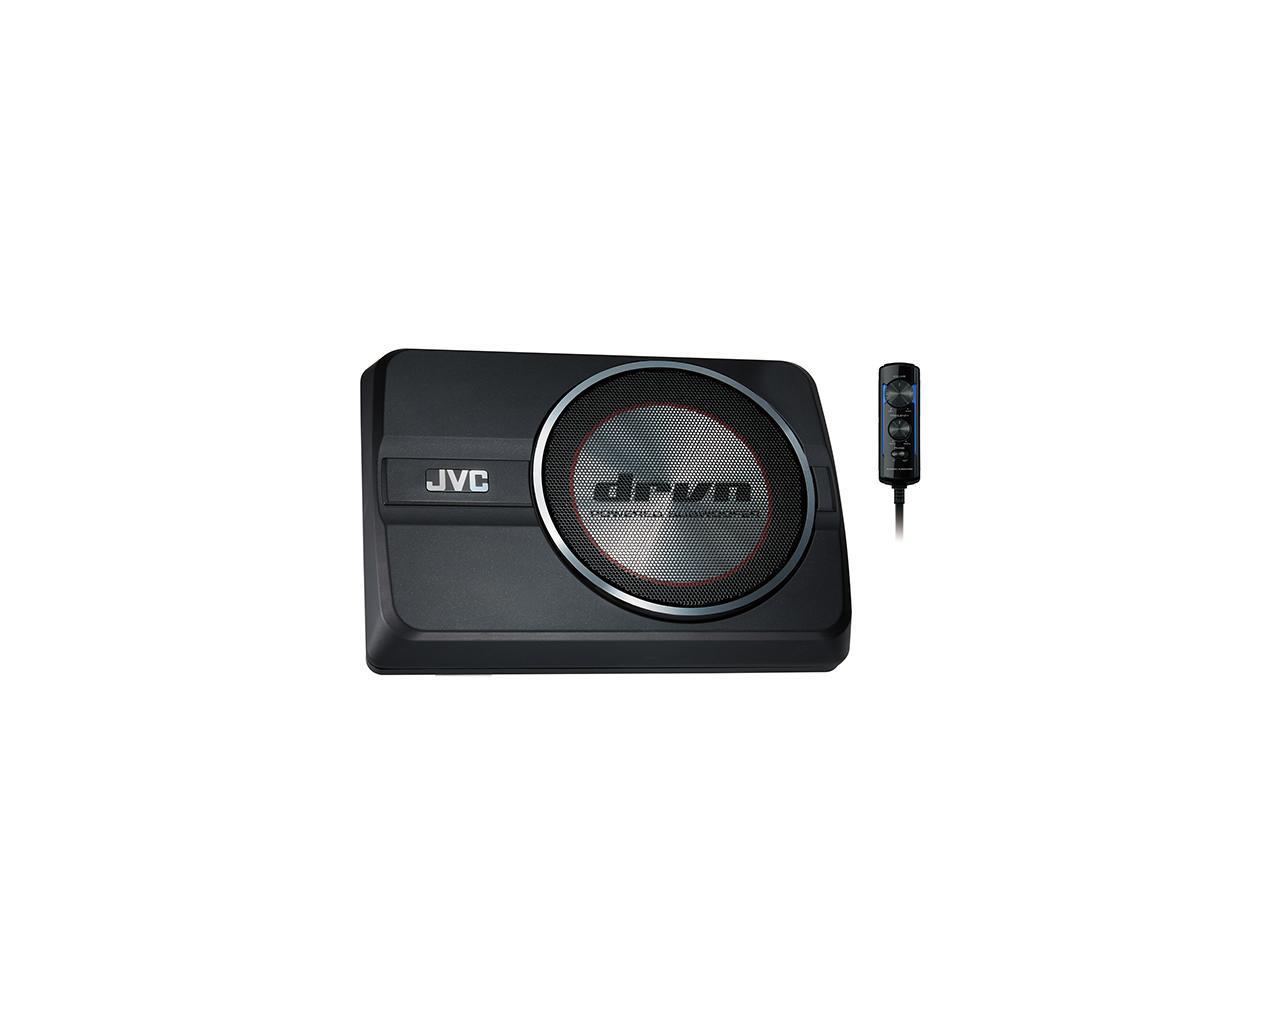 CW-DRA8 JVC von Hersteller bis zu - % Rabatt!